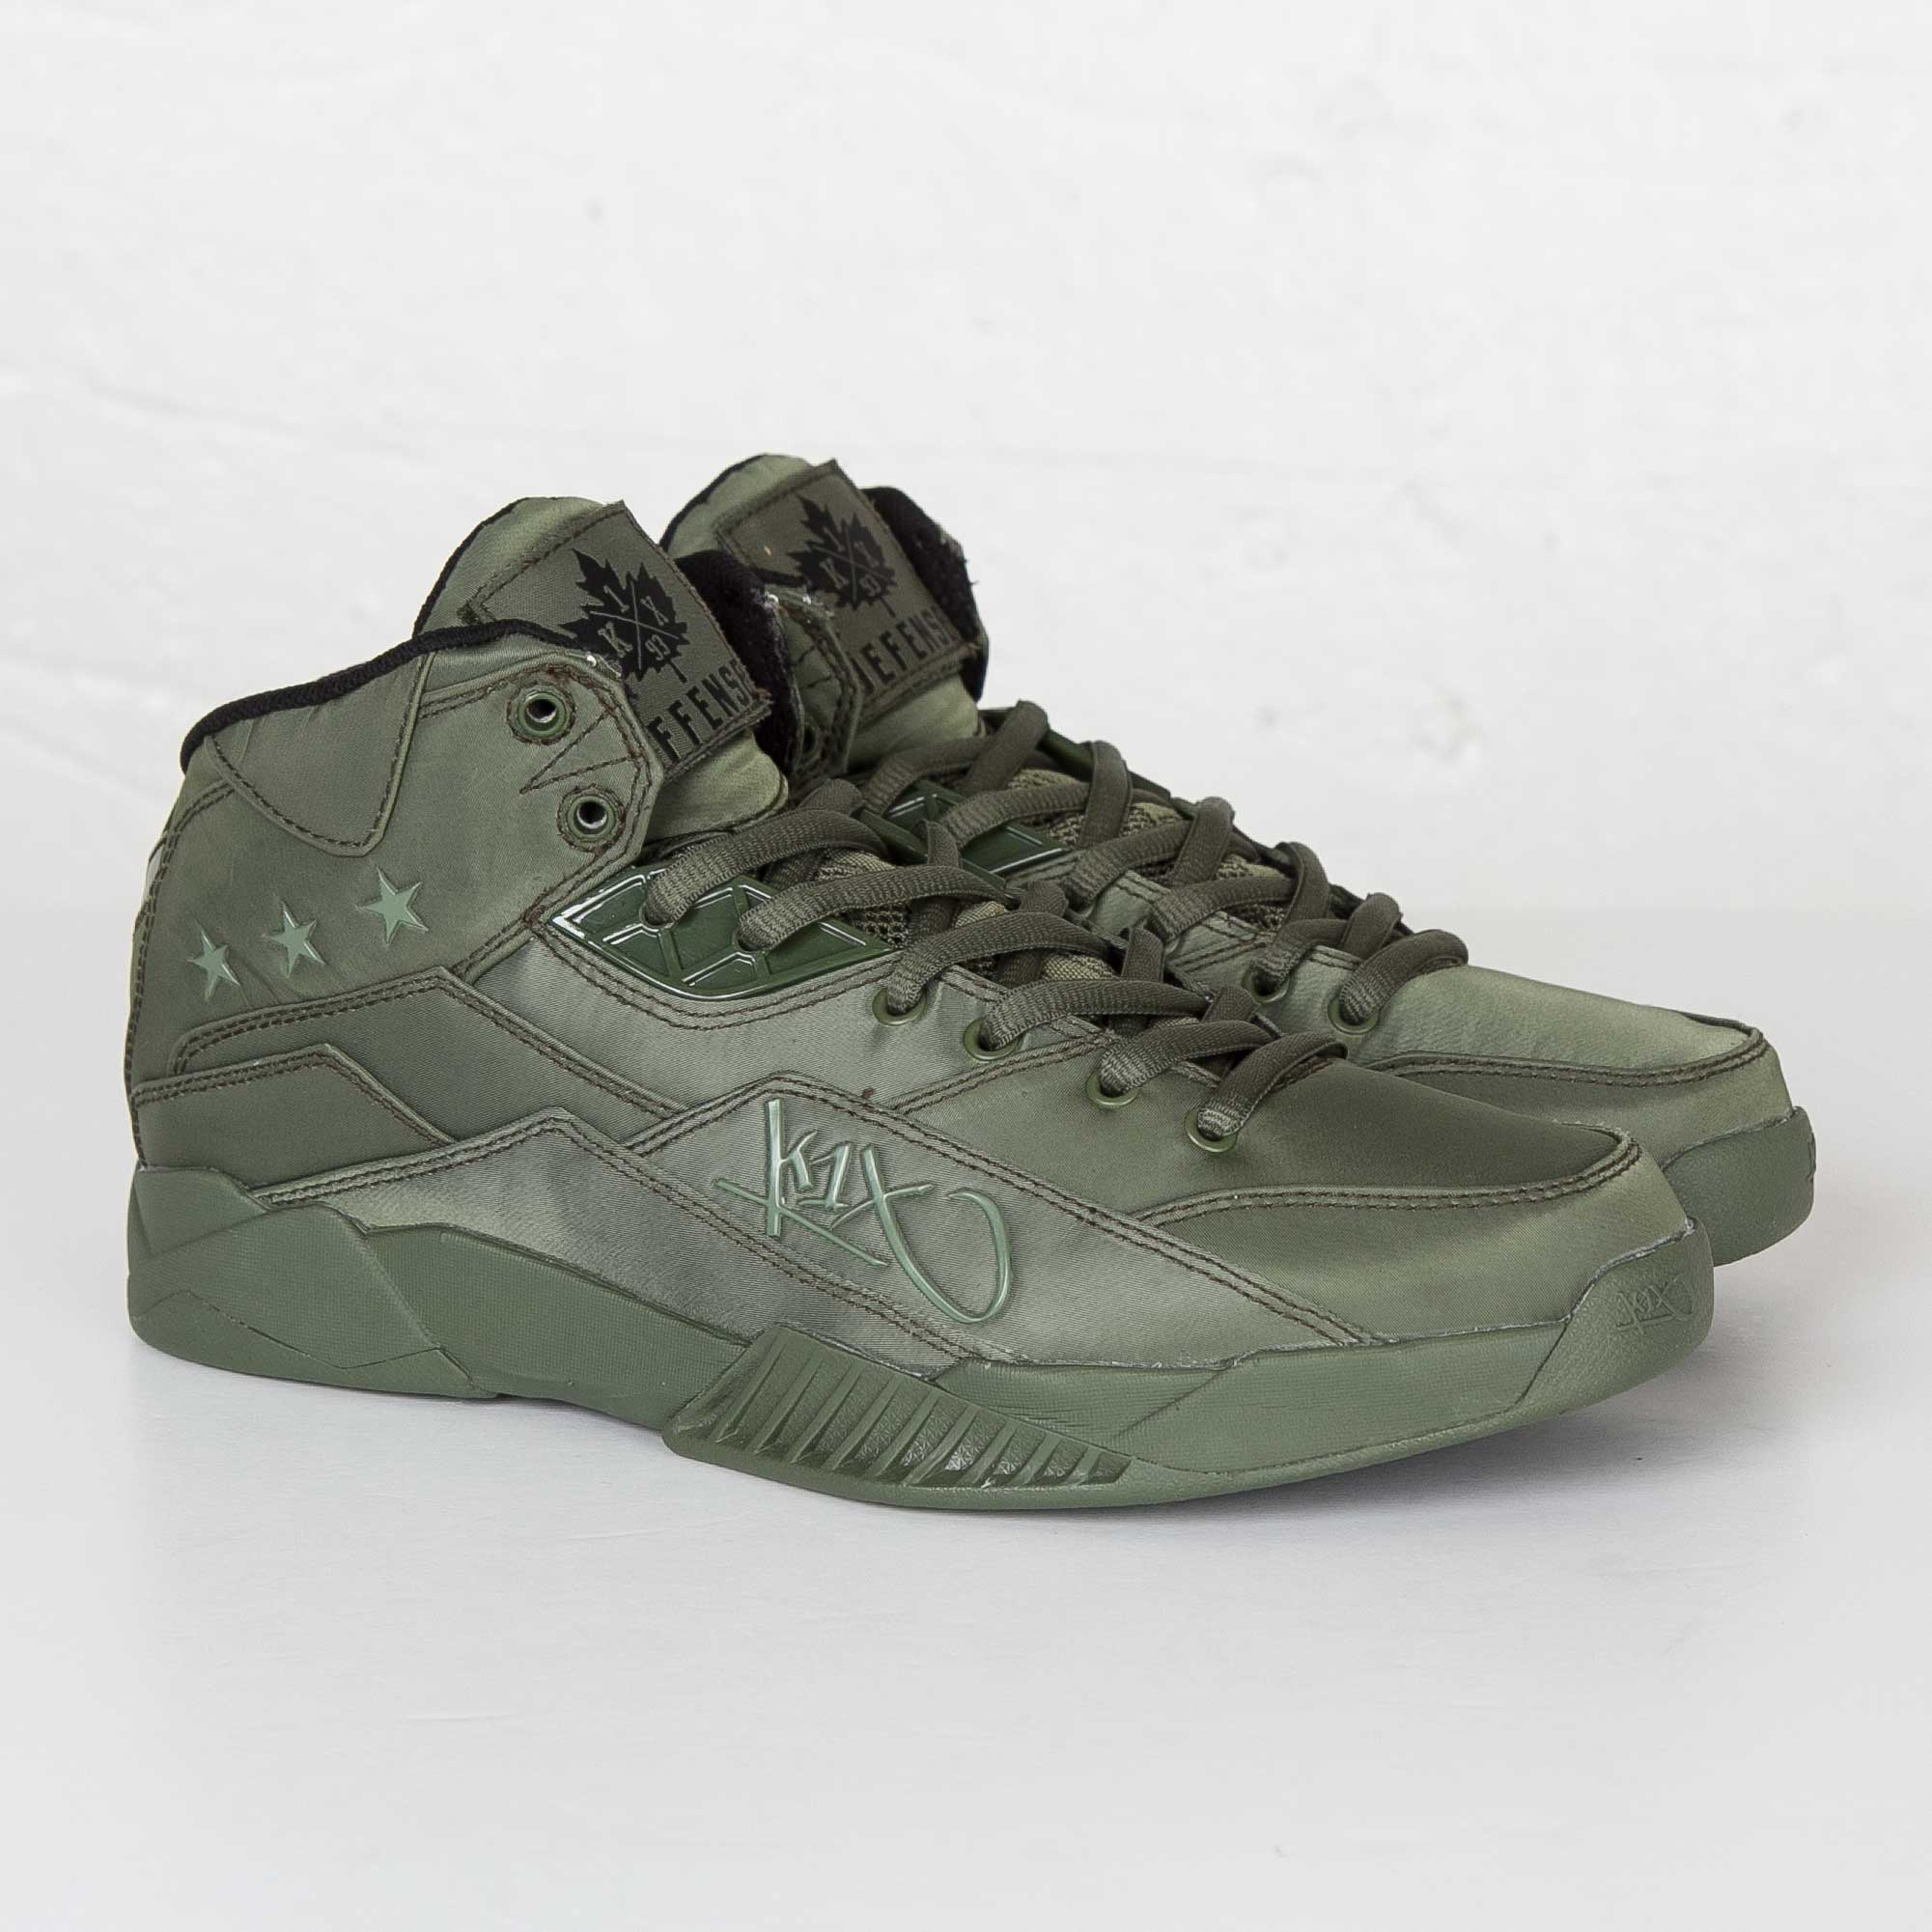 K1X Anti Gravity - 1153-0400 - Sneakersnstuff  839052a13d7a